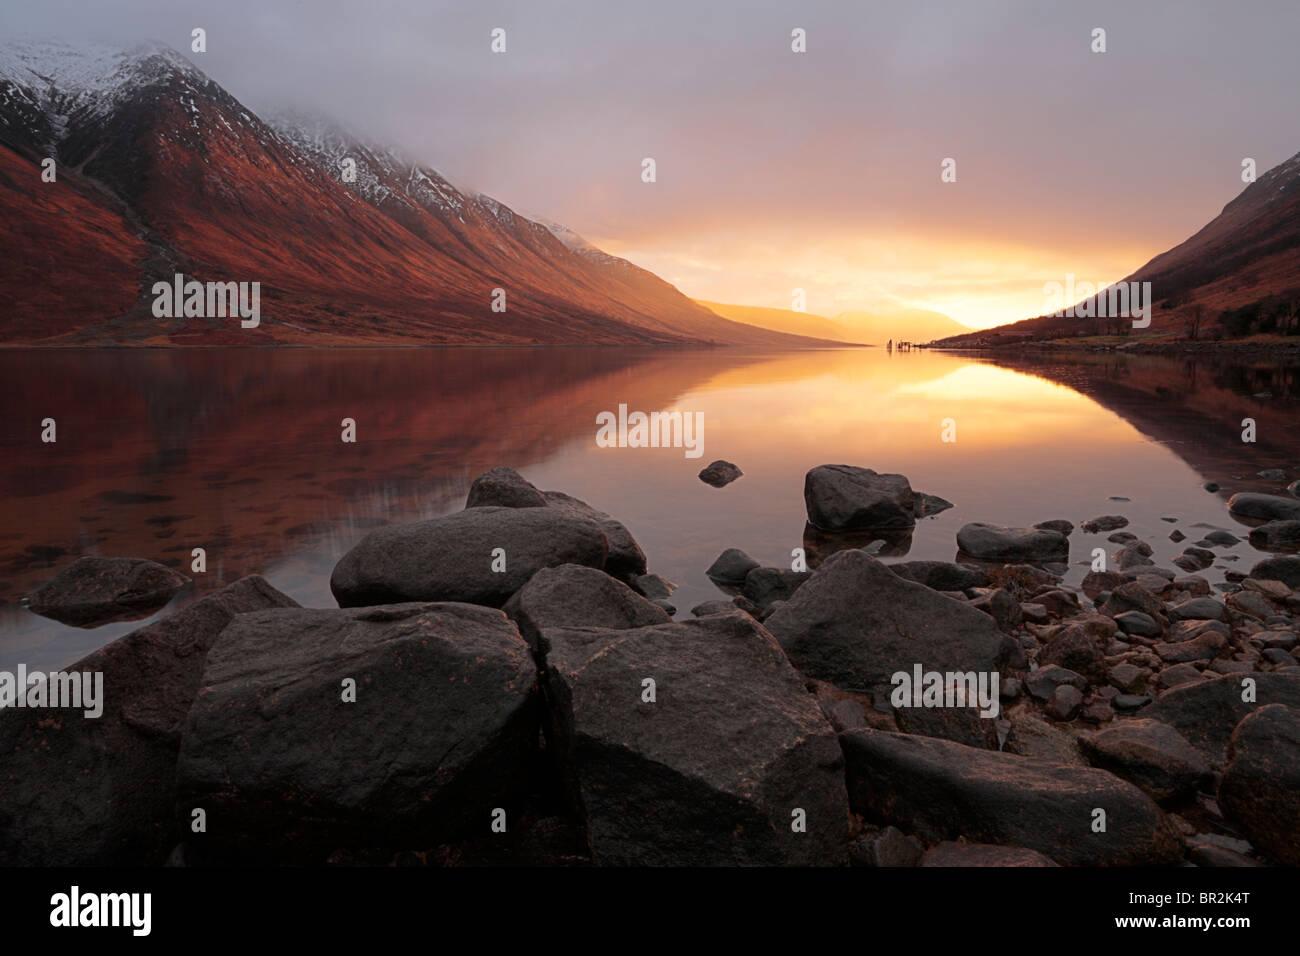 Luz llameante de una puesta de sol de invierno ilumina Loch Etive en las Tierras Altas de Escocia. Foto de stock